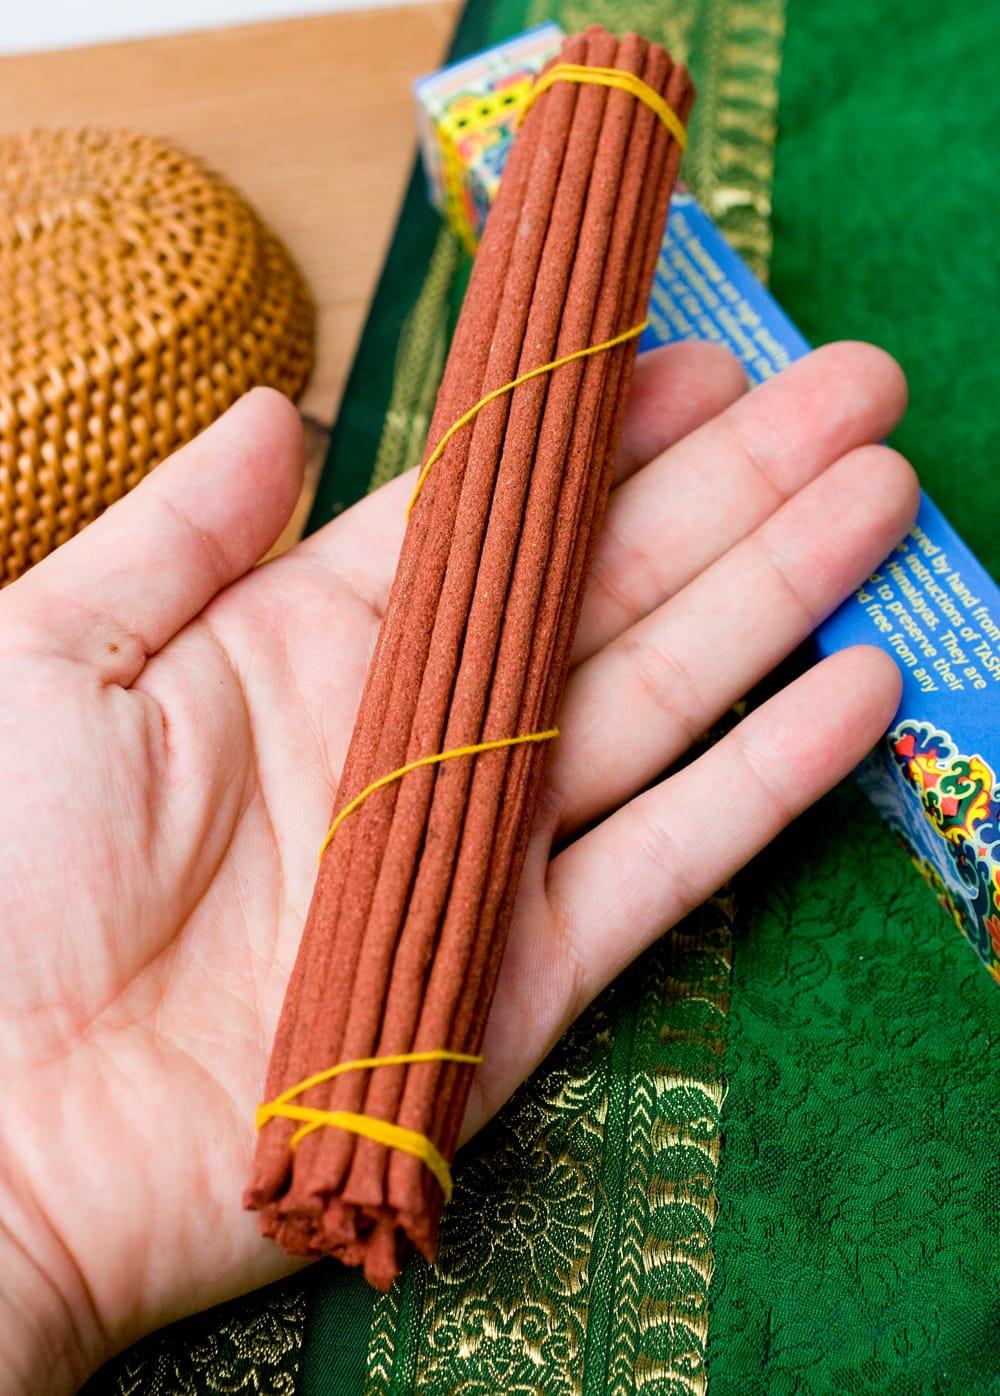 Tibetan Meditation Incense-チベタンメディテーション香 3 - 長さはだいたいこのような大きさになります。